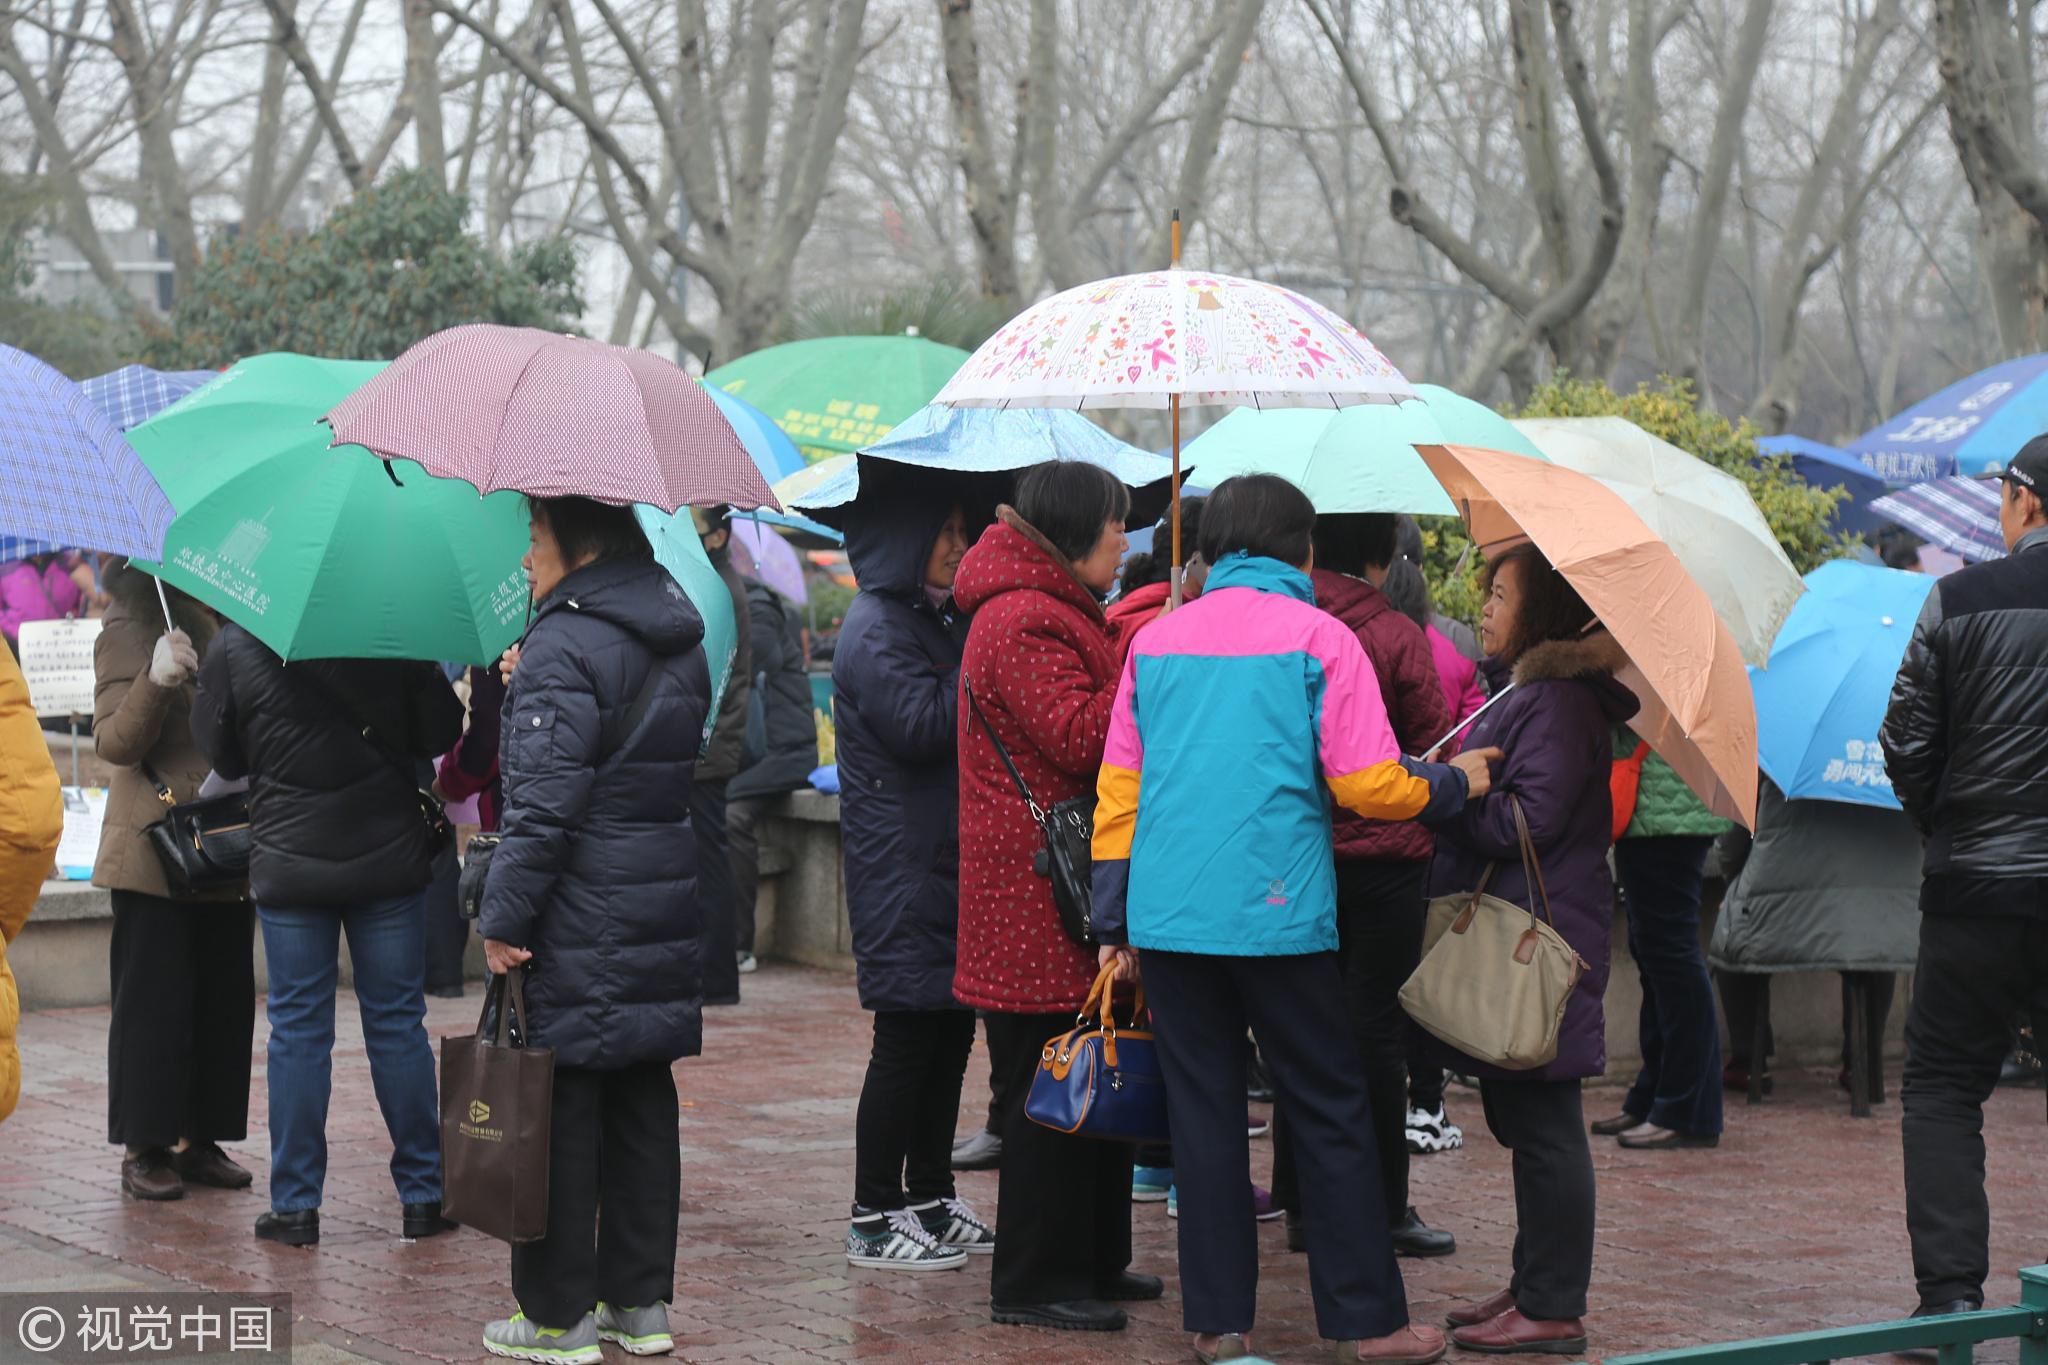 直击郑州相亲角:父母冒雨撑伞为子女征婚 ! - 周公乐 - xinhua8848 的博客